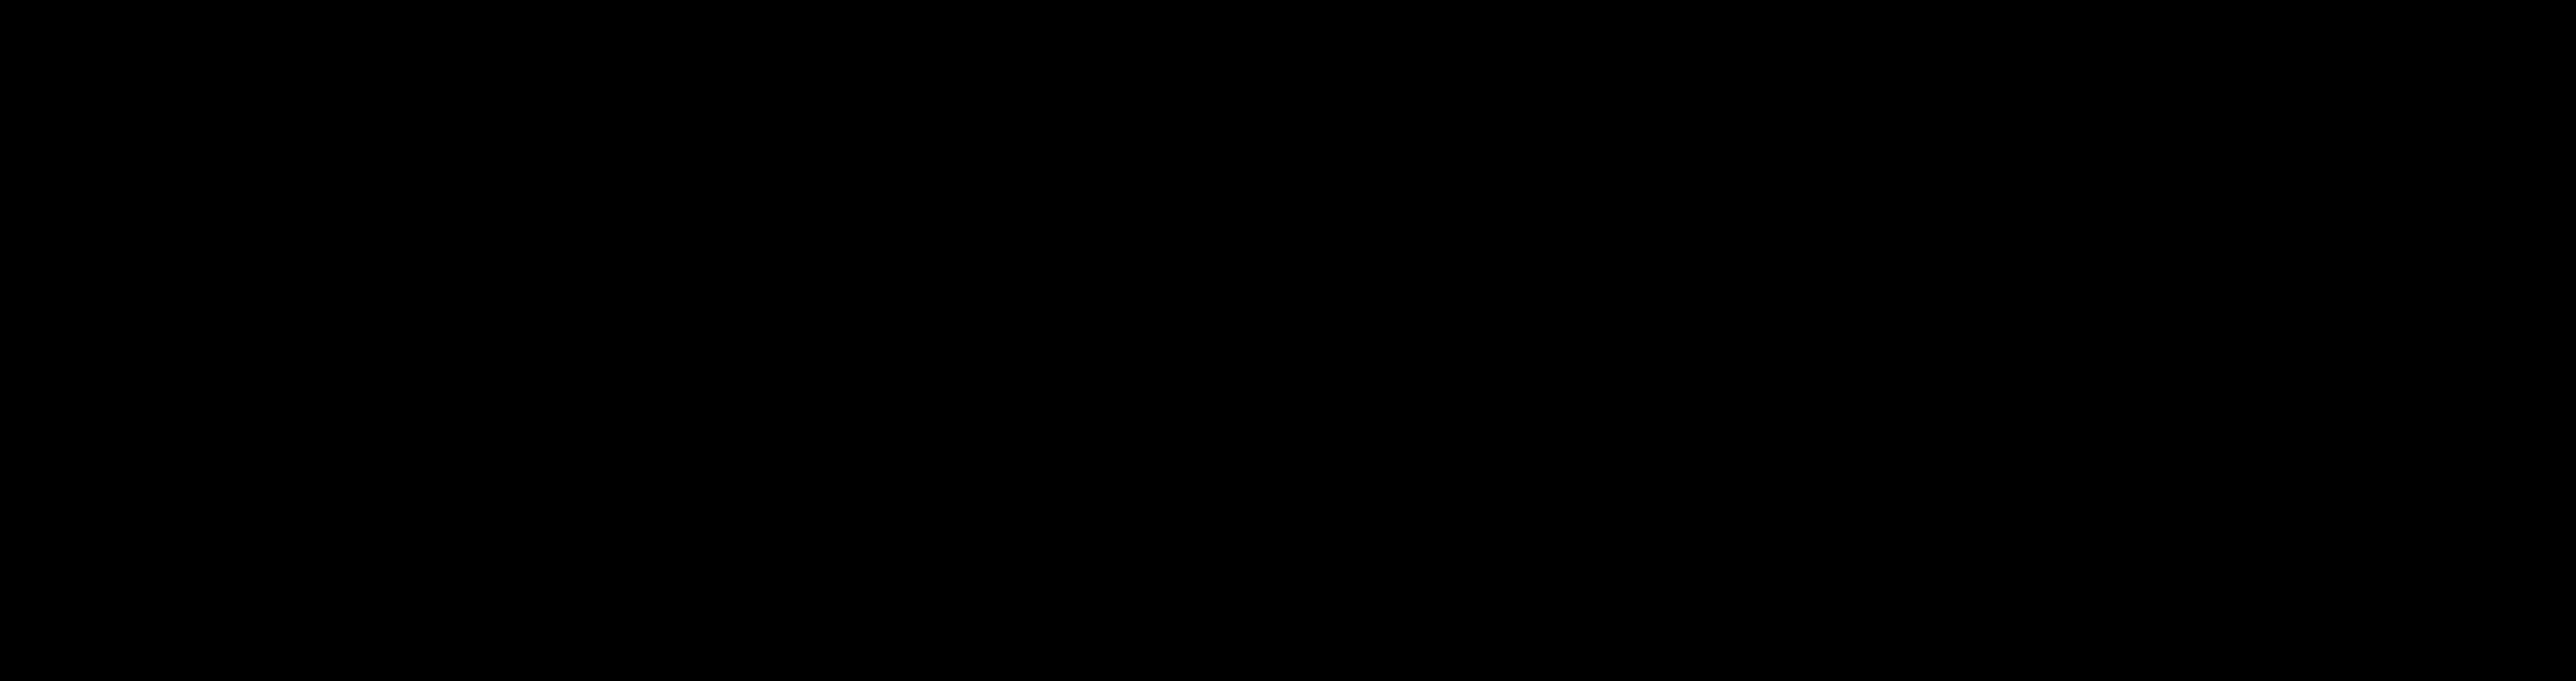 Stage 2 header